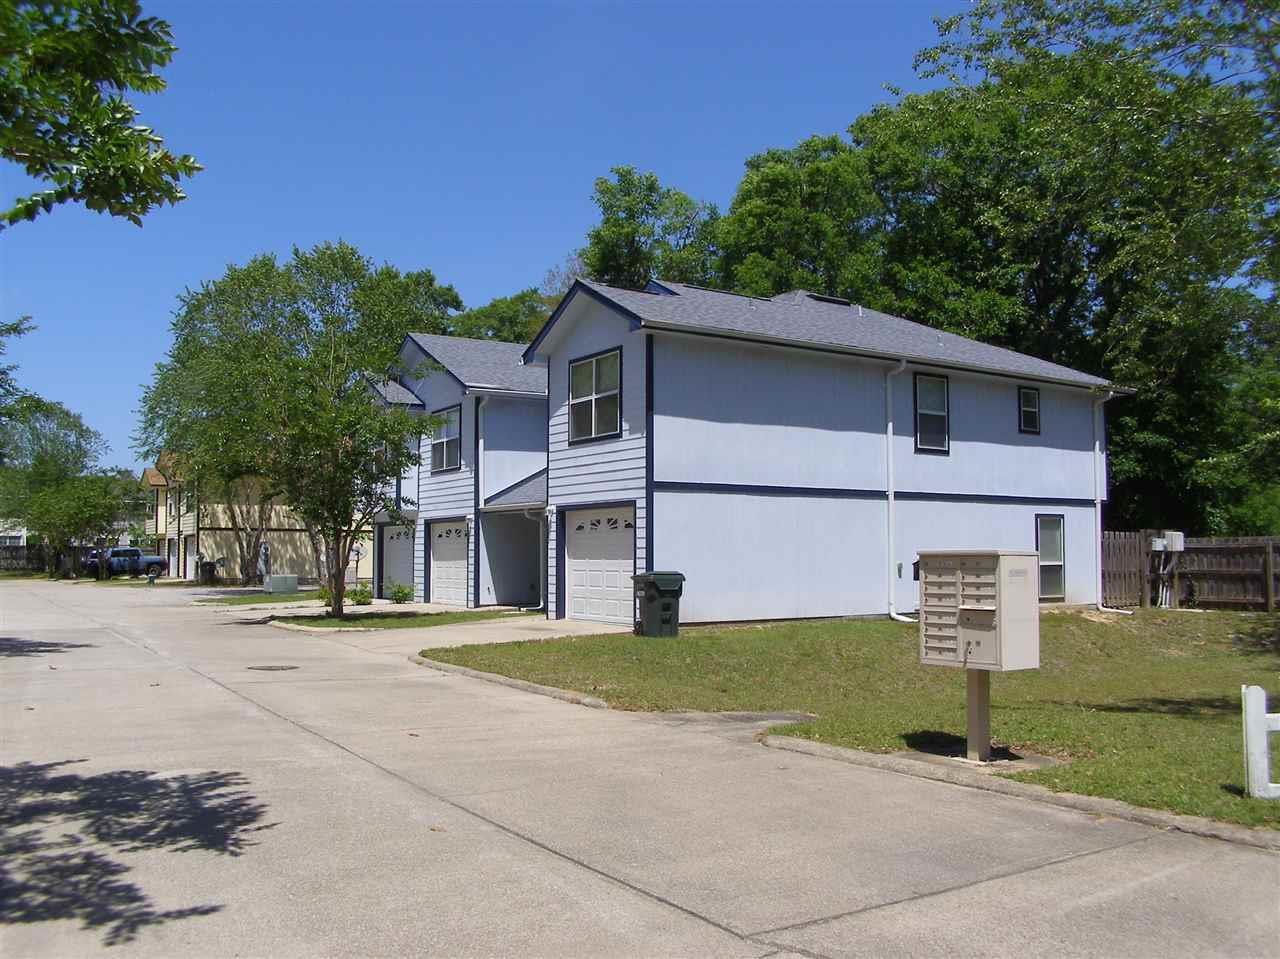 6248 Hamilton Bridge Rd, Milton, FL 32570